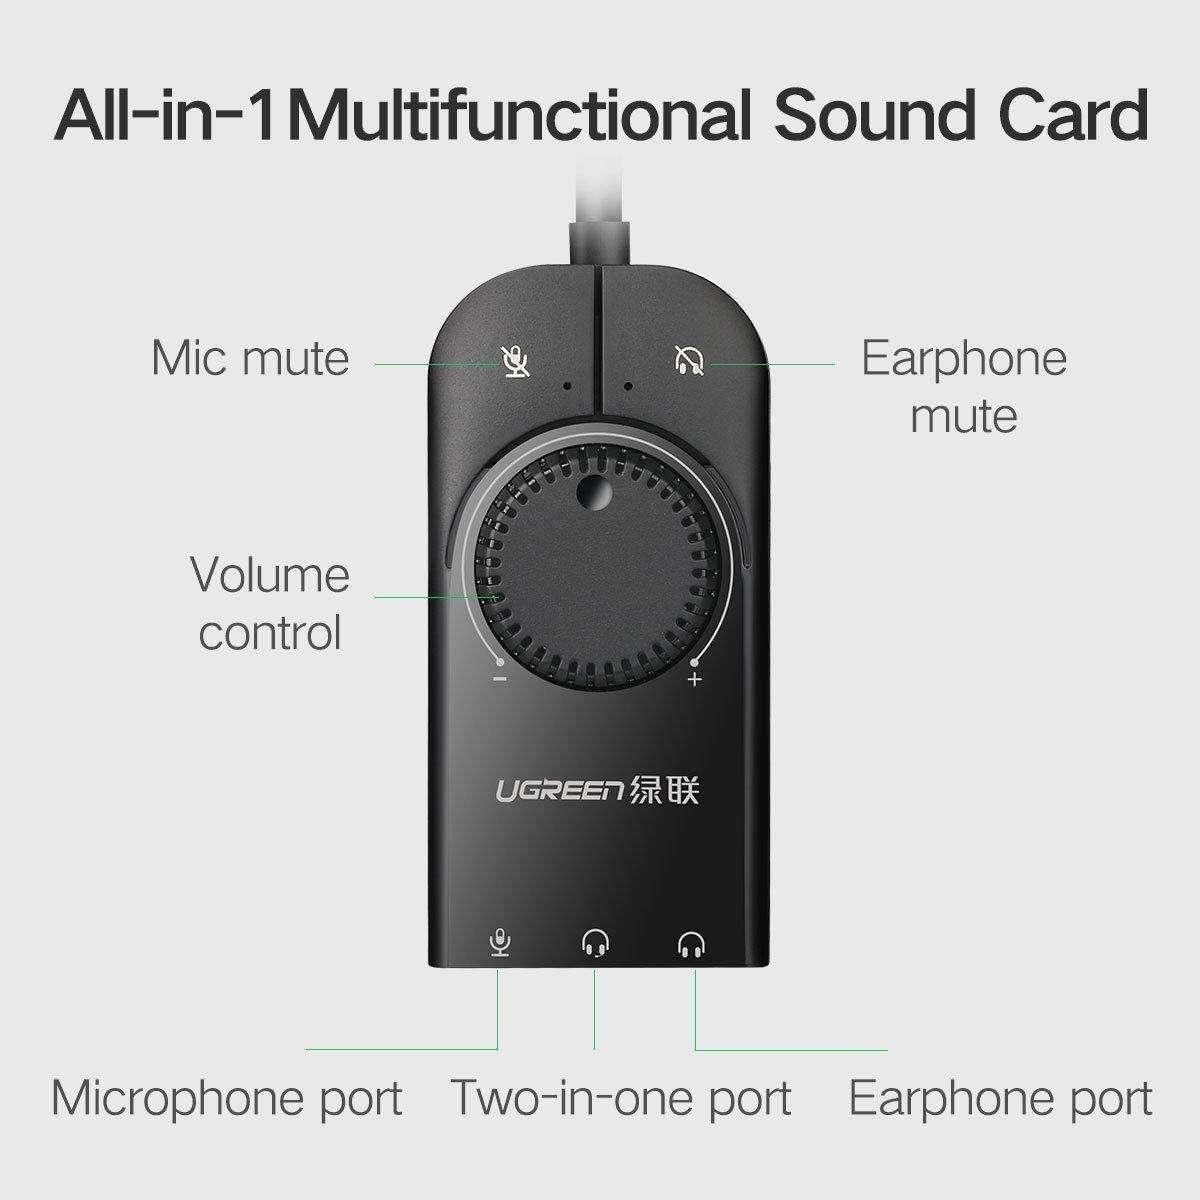 Cáp chuyển USB sang 3.5mm Loa và Mic Có Volume control UGREEN (USB Sound có chức năng điều chỉnh âm thanh) - Hàng Chính Hãng